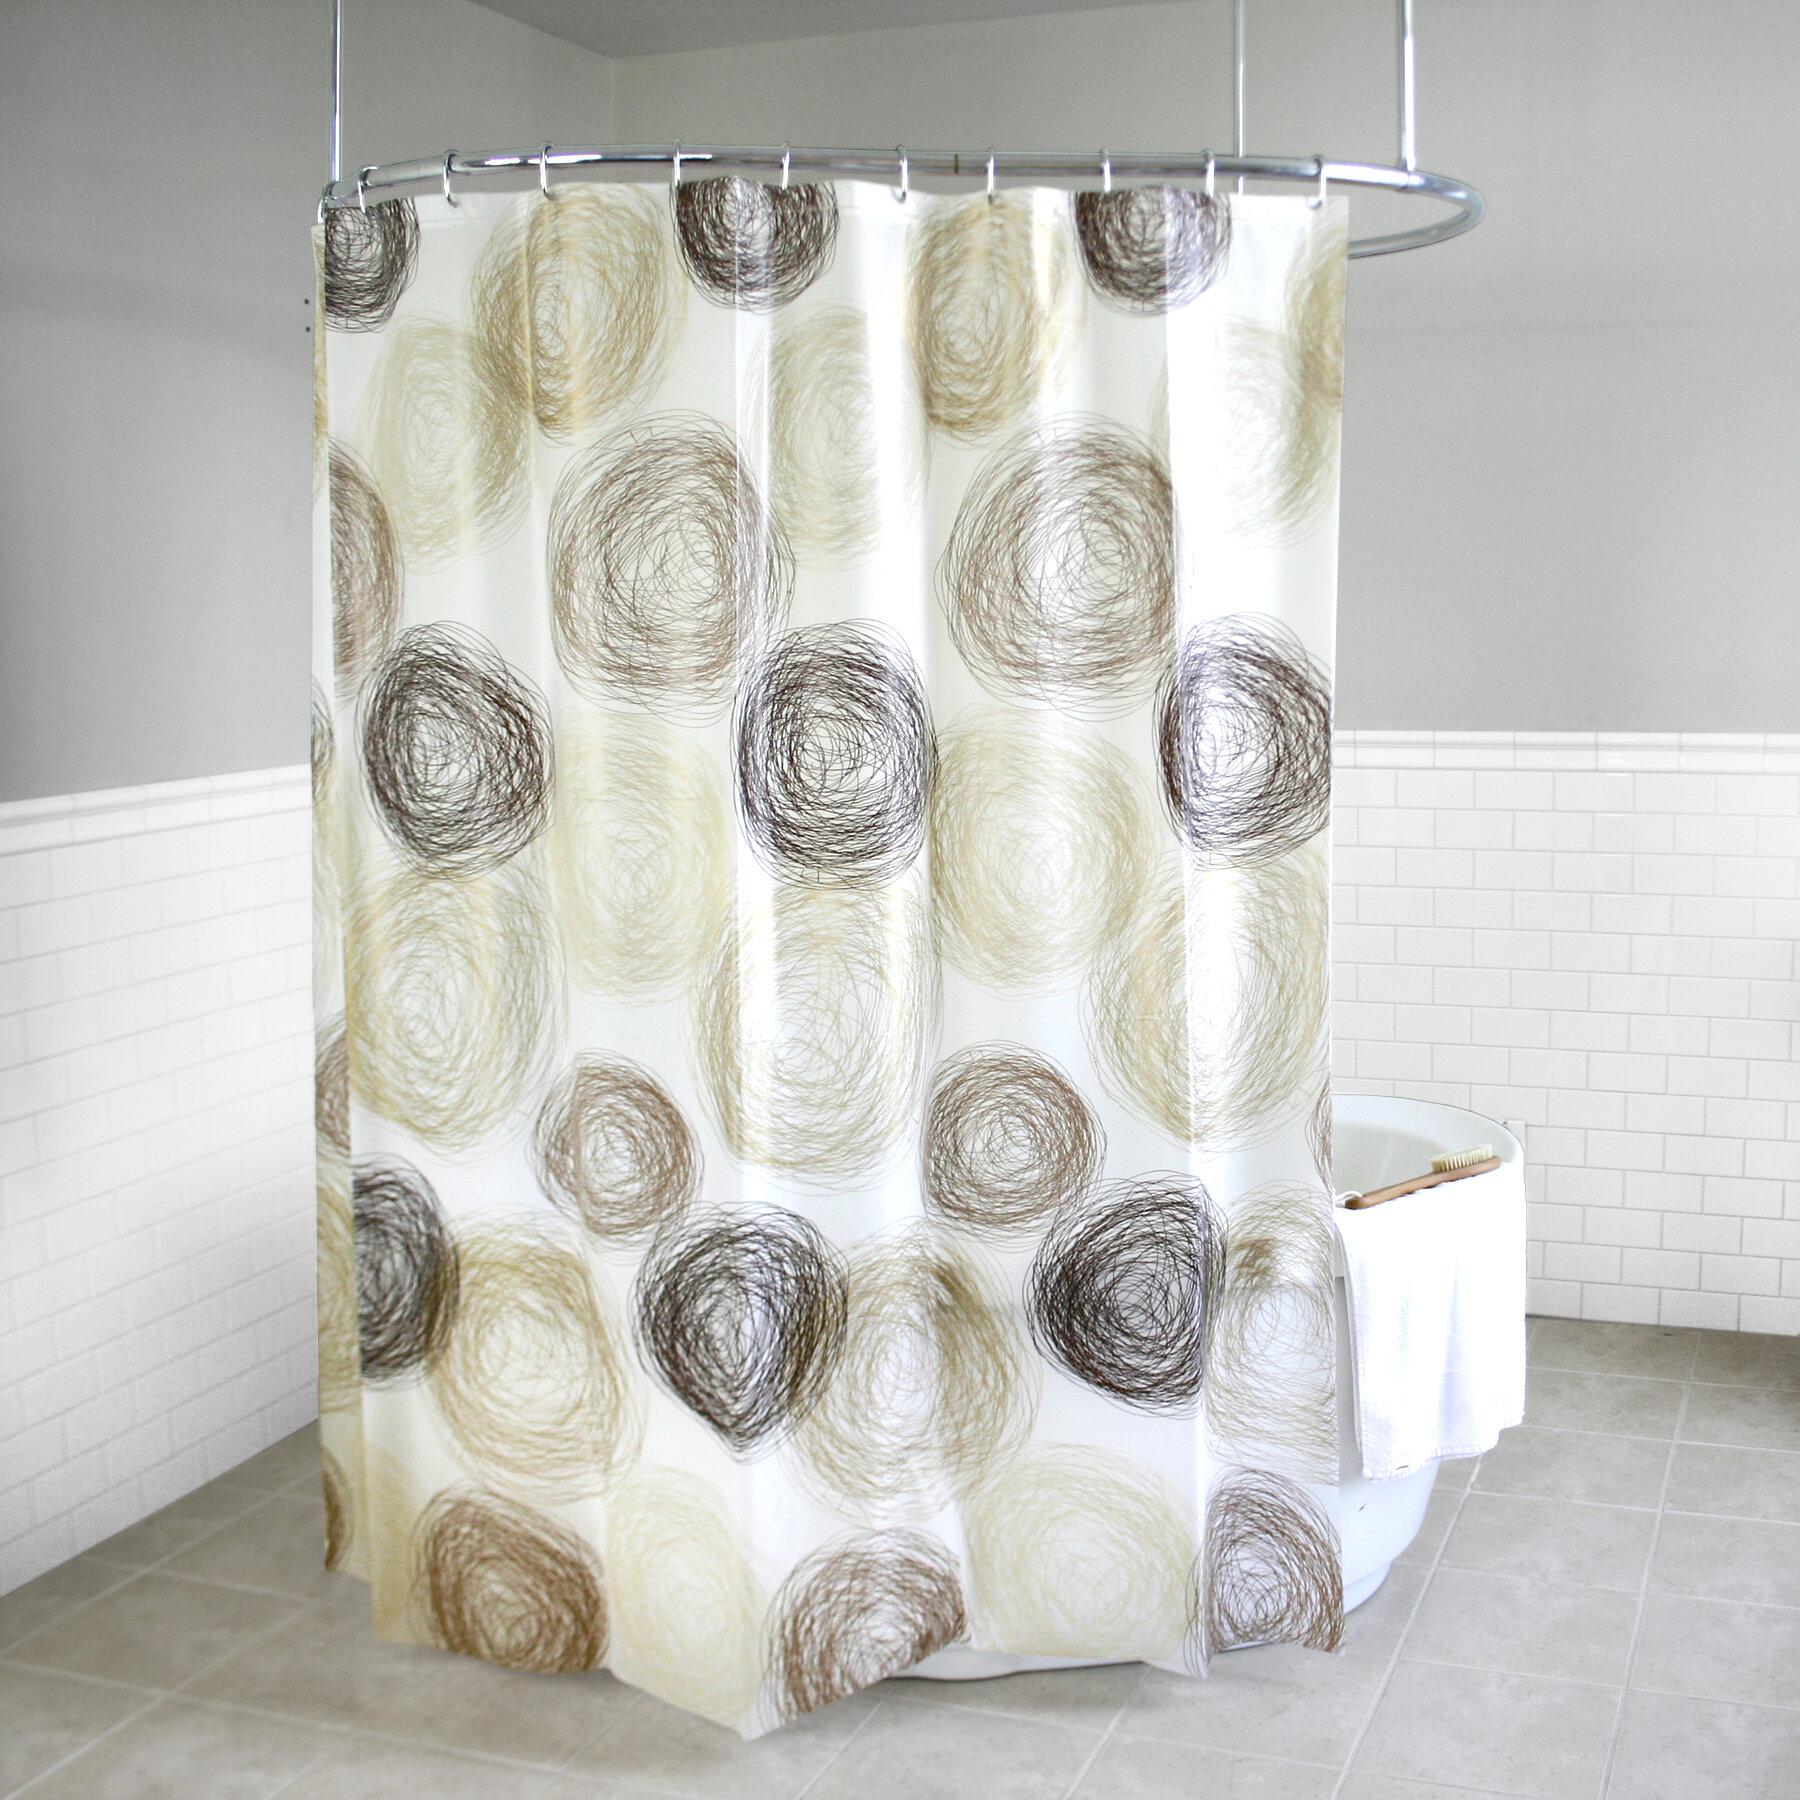 Ebern Designs Soren Peva 4g Coil Vinyl Single Shower Curtain Liner Wayfair